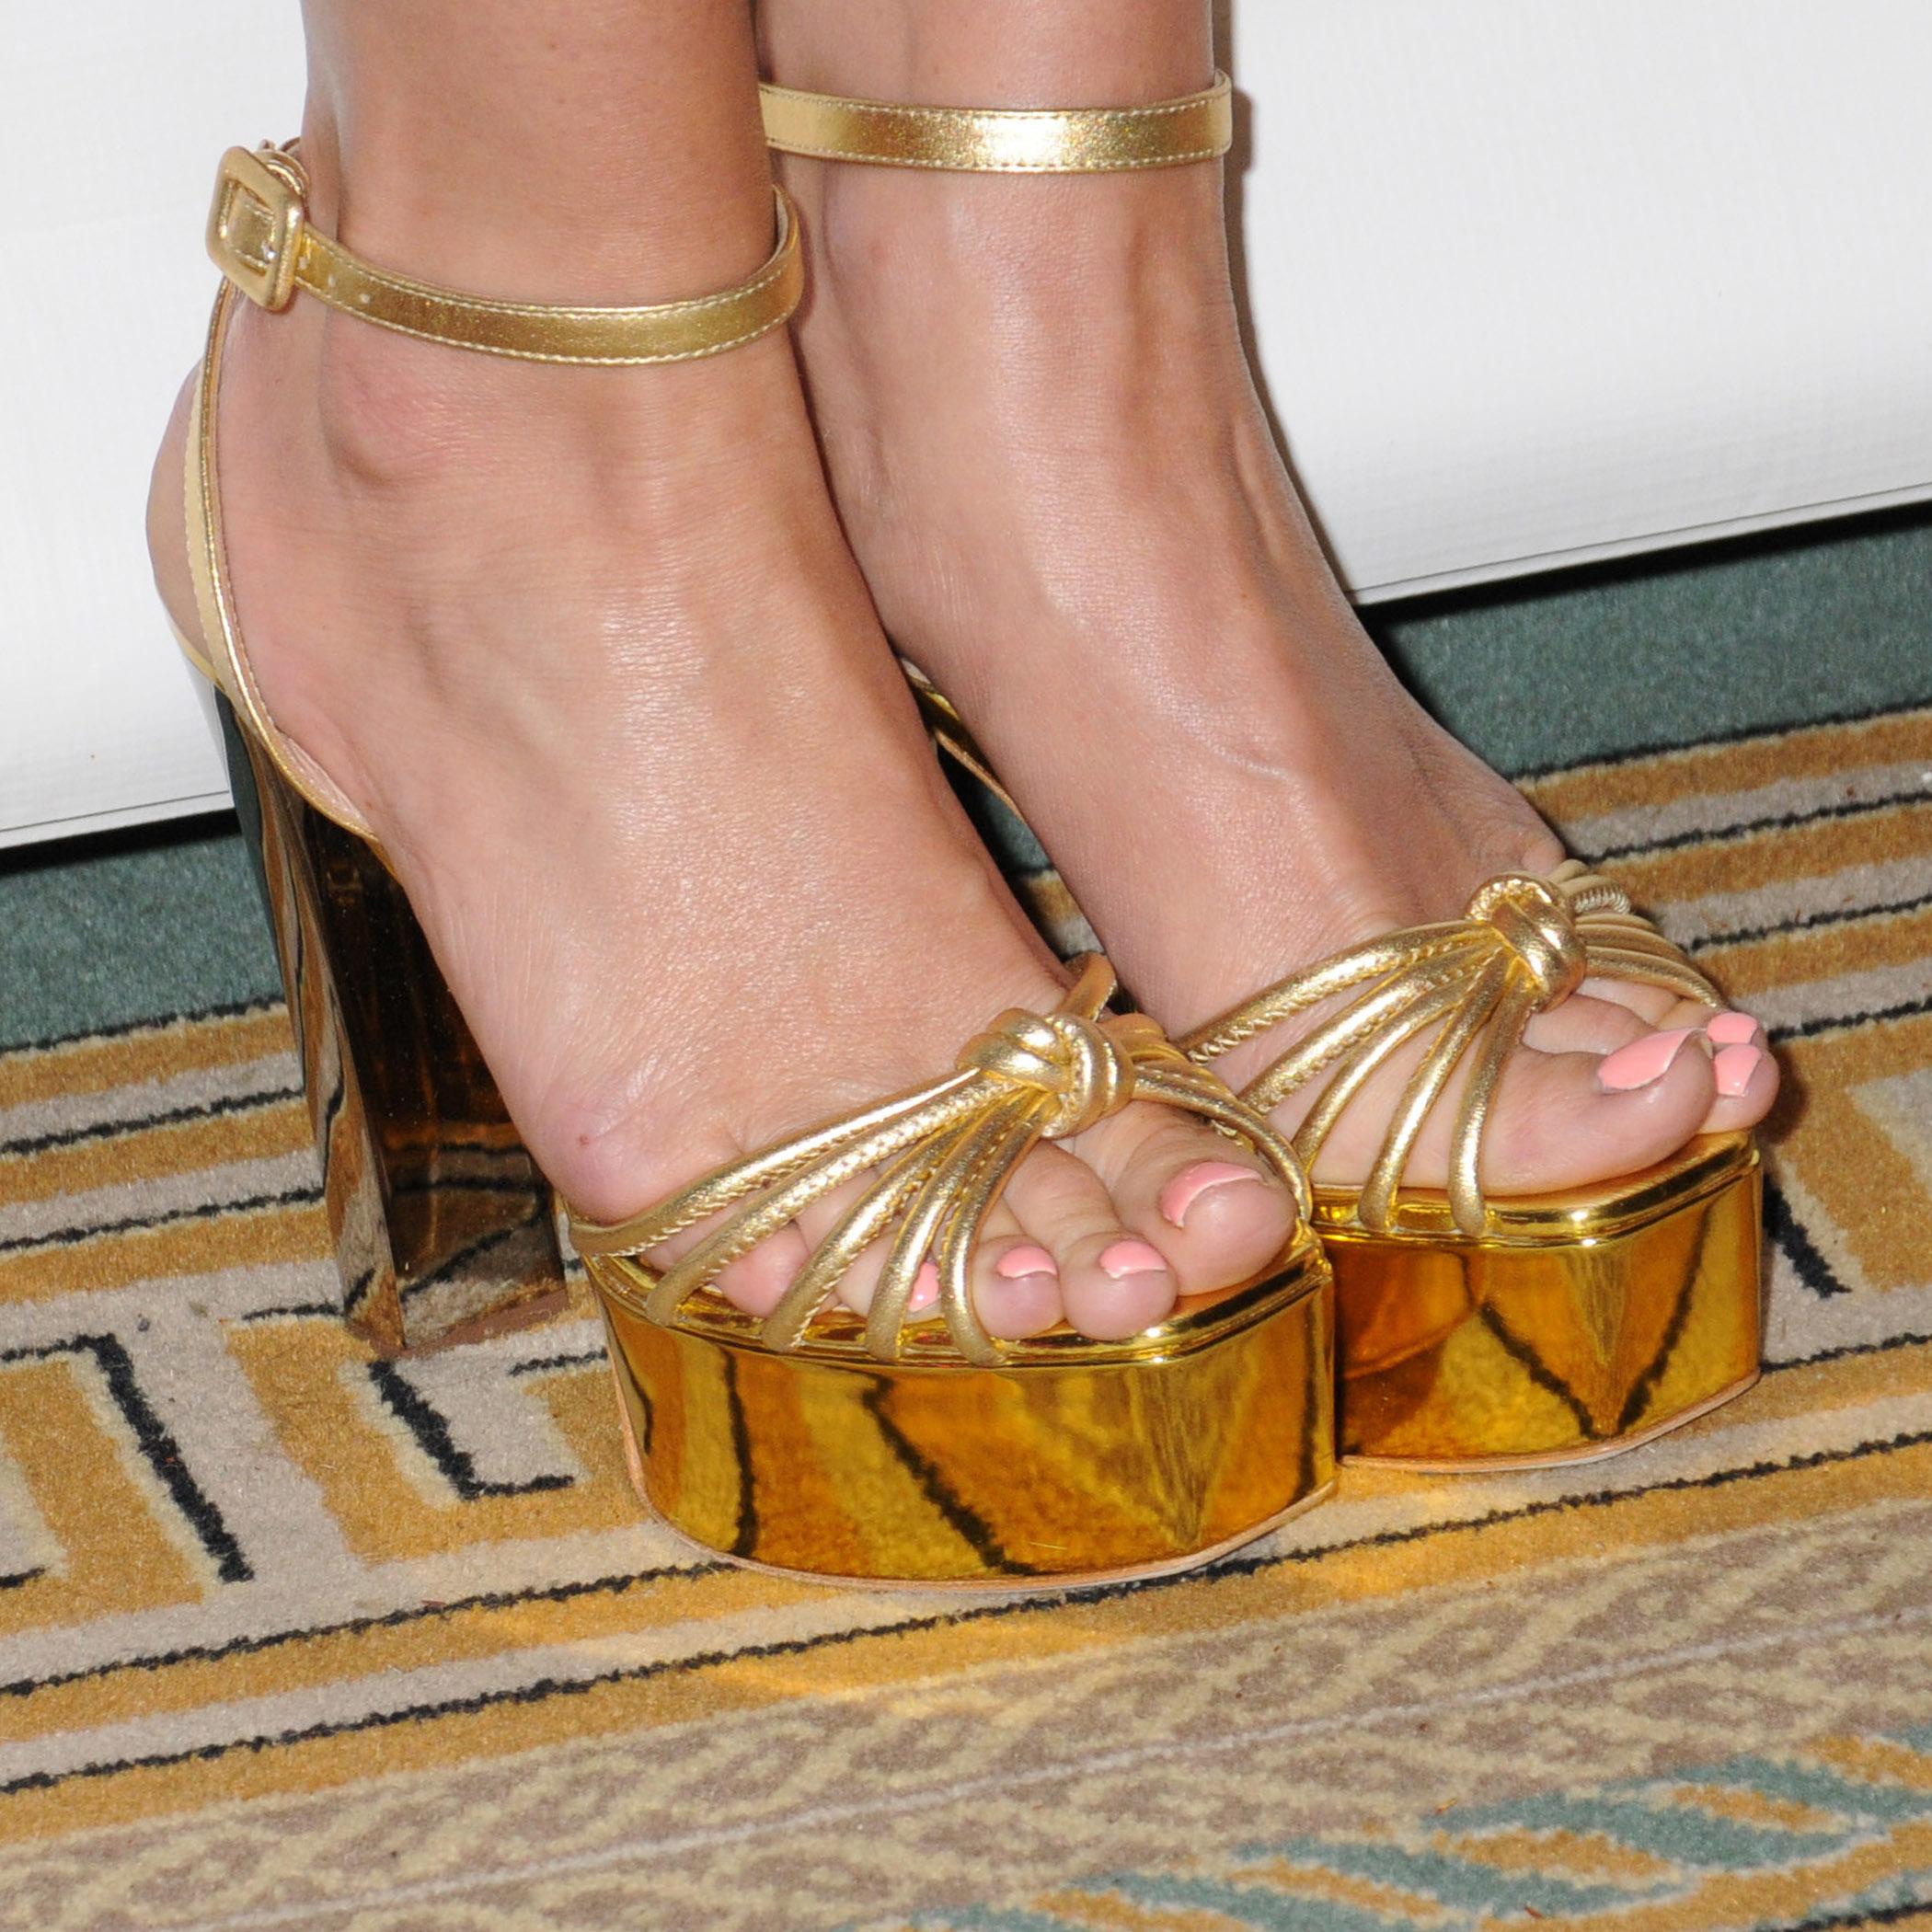 46e0dfb2db Jessica Simpson's Feet << wikiFeet